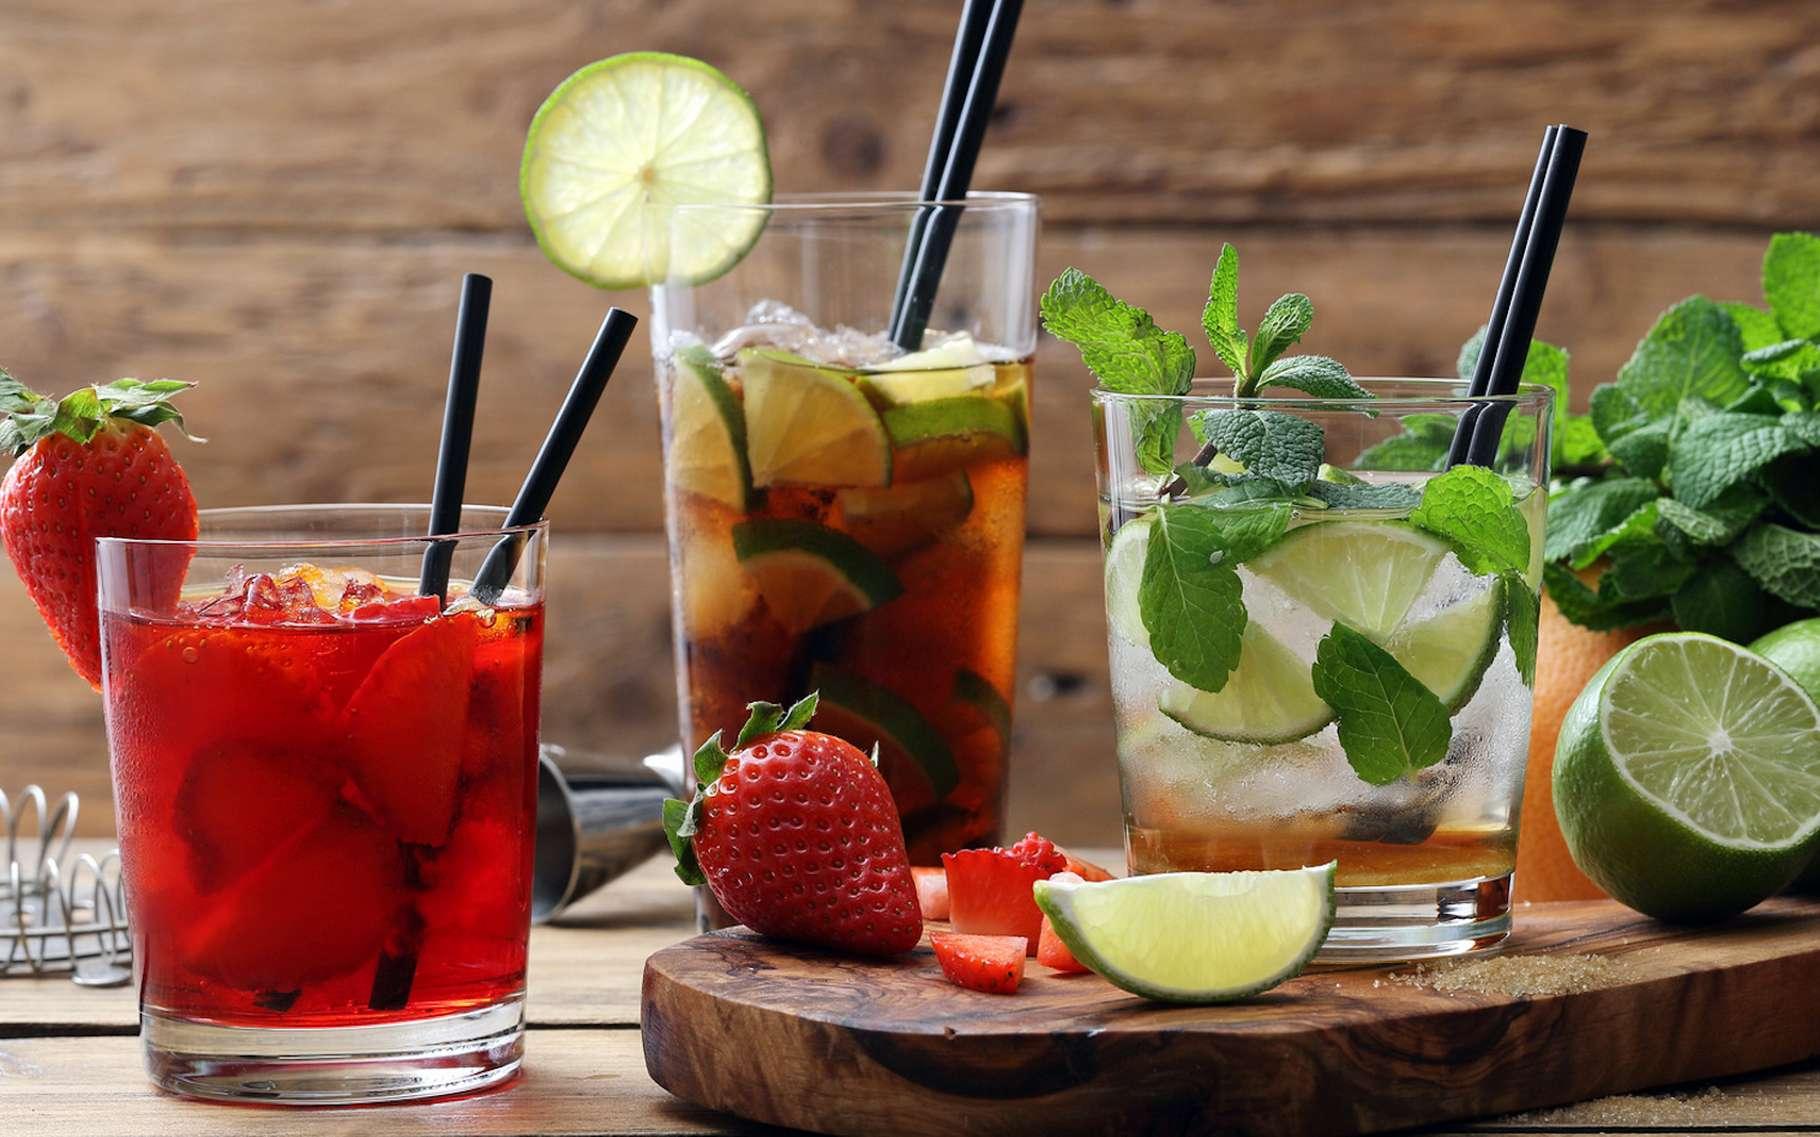 La plupart des gens savent que les sodas ne sont pas bons pour la santé. Aujourd'hui, une étude révèle que les jus de fruits ne seraient guère meilleurs. © denio109, Fotolia